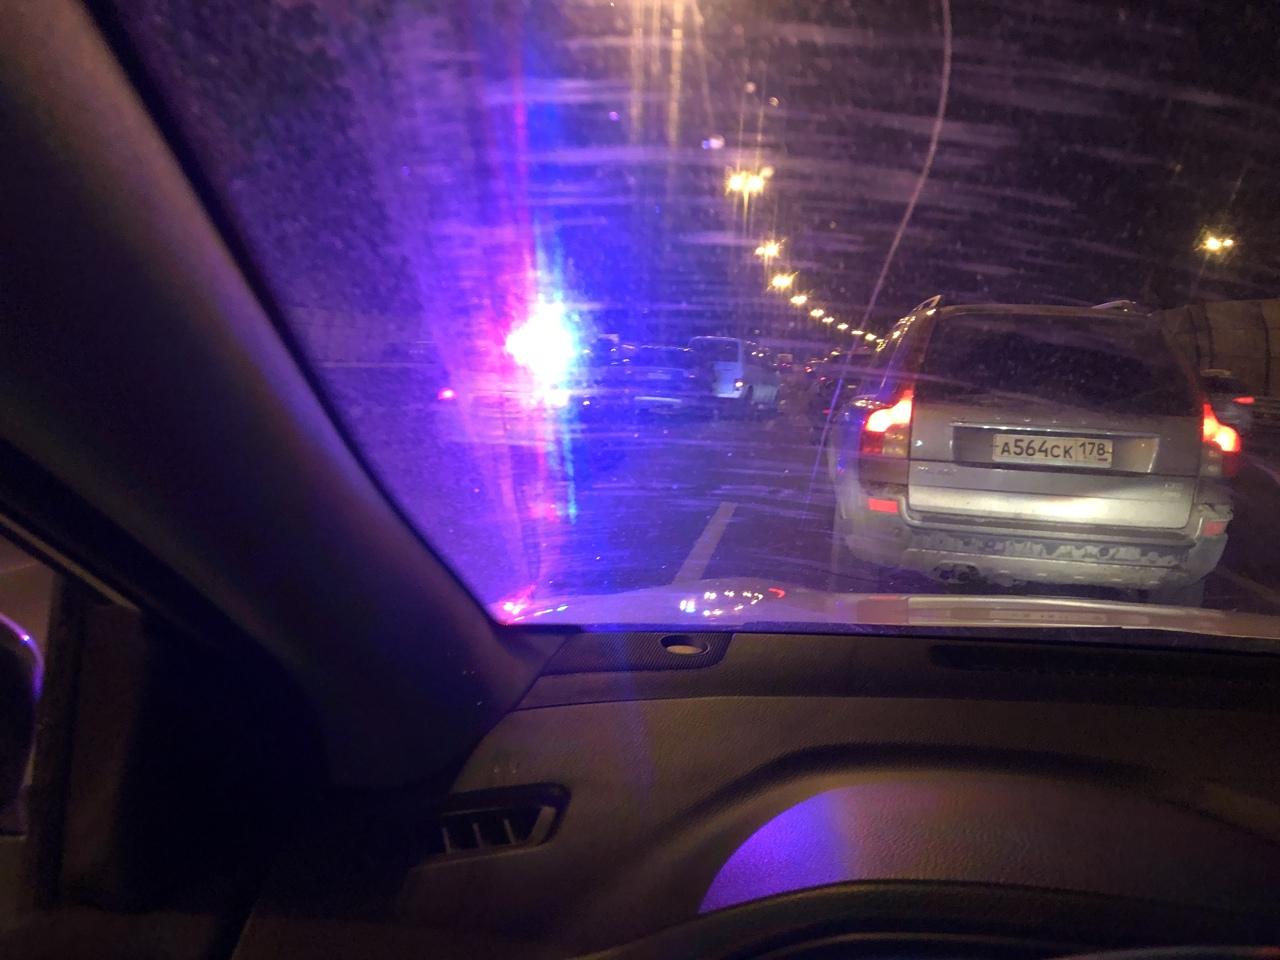 На внутренней стороне КАД, под Рябовским шоссе Аутлендер собрал два микрика.